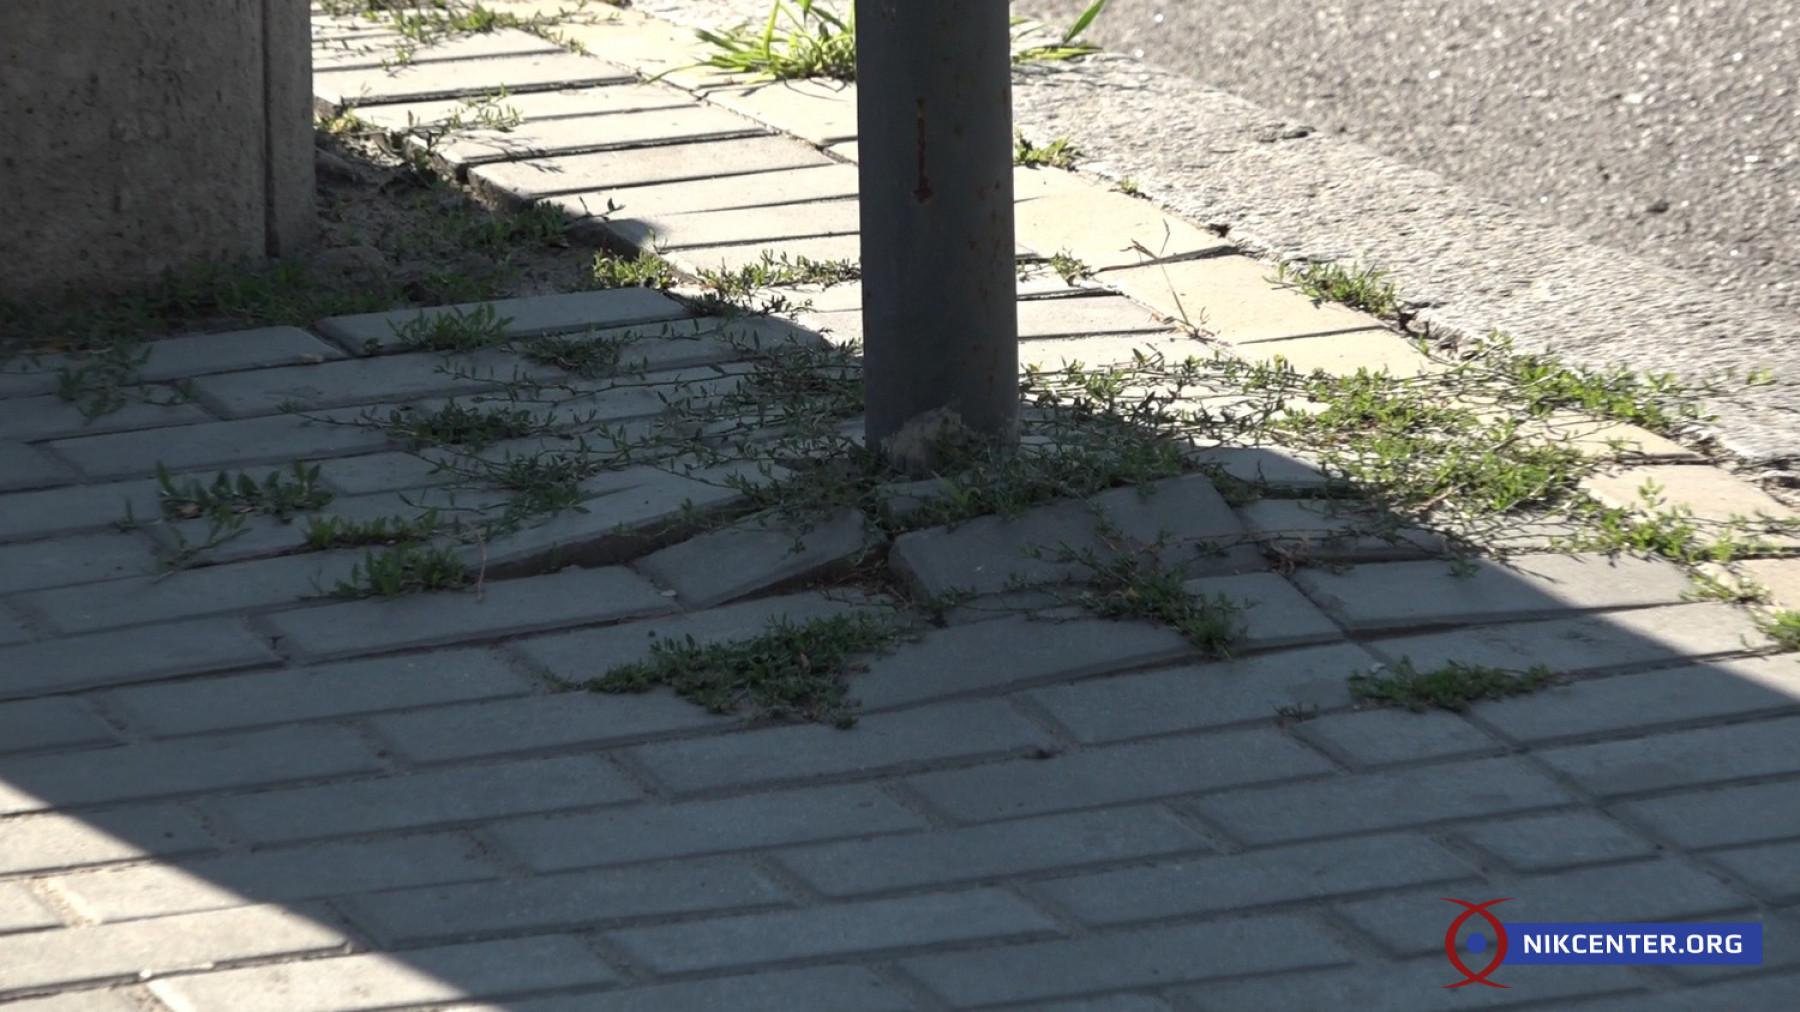 По словам Матвеева, здесь чиновники с подрядчиками видимо учились укладывать плитку. За счет налогоплательщиков